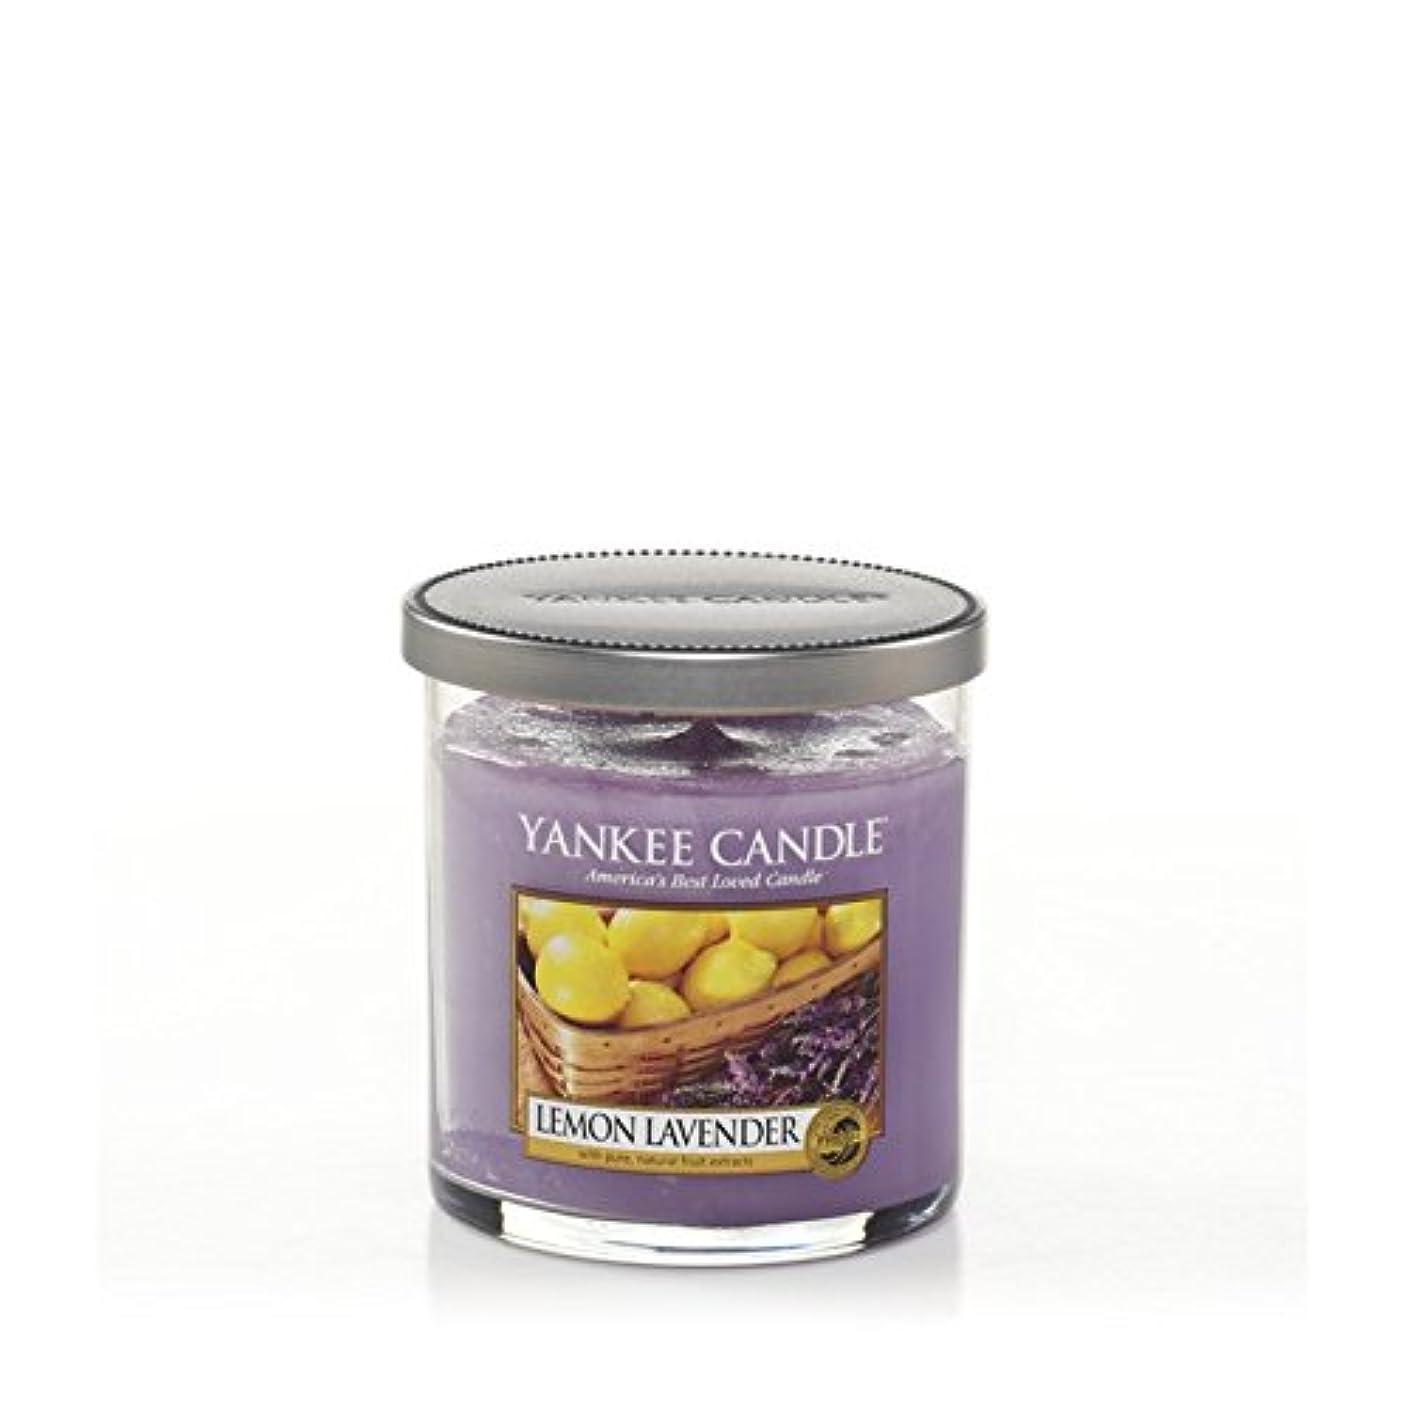 十代の若者たち付属品ランドリーヤンキーキャンドルの小さな柱キャンドル - レモンラベンダー - Yankee Candles Small Pillar Candle - Lemon Lavender (Yankee Candles) [並行輸入品]